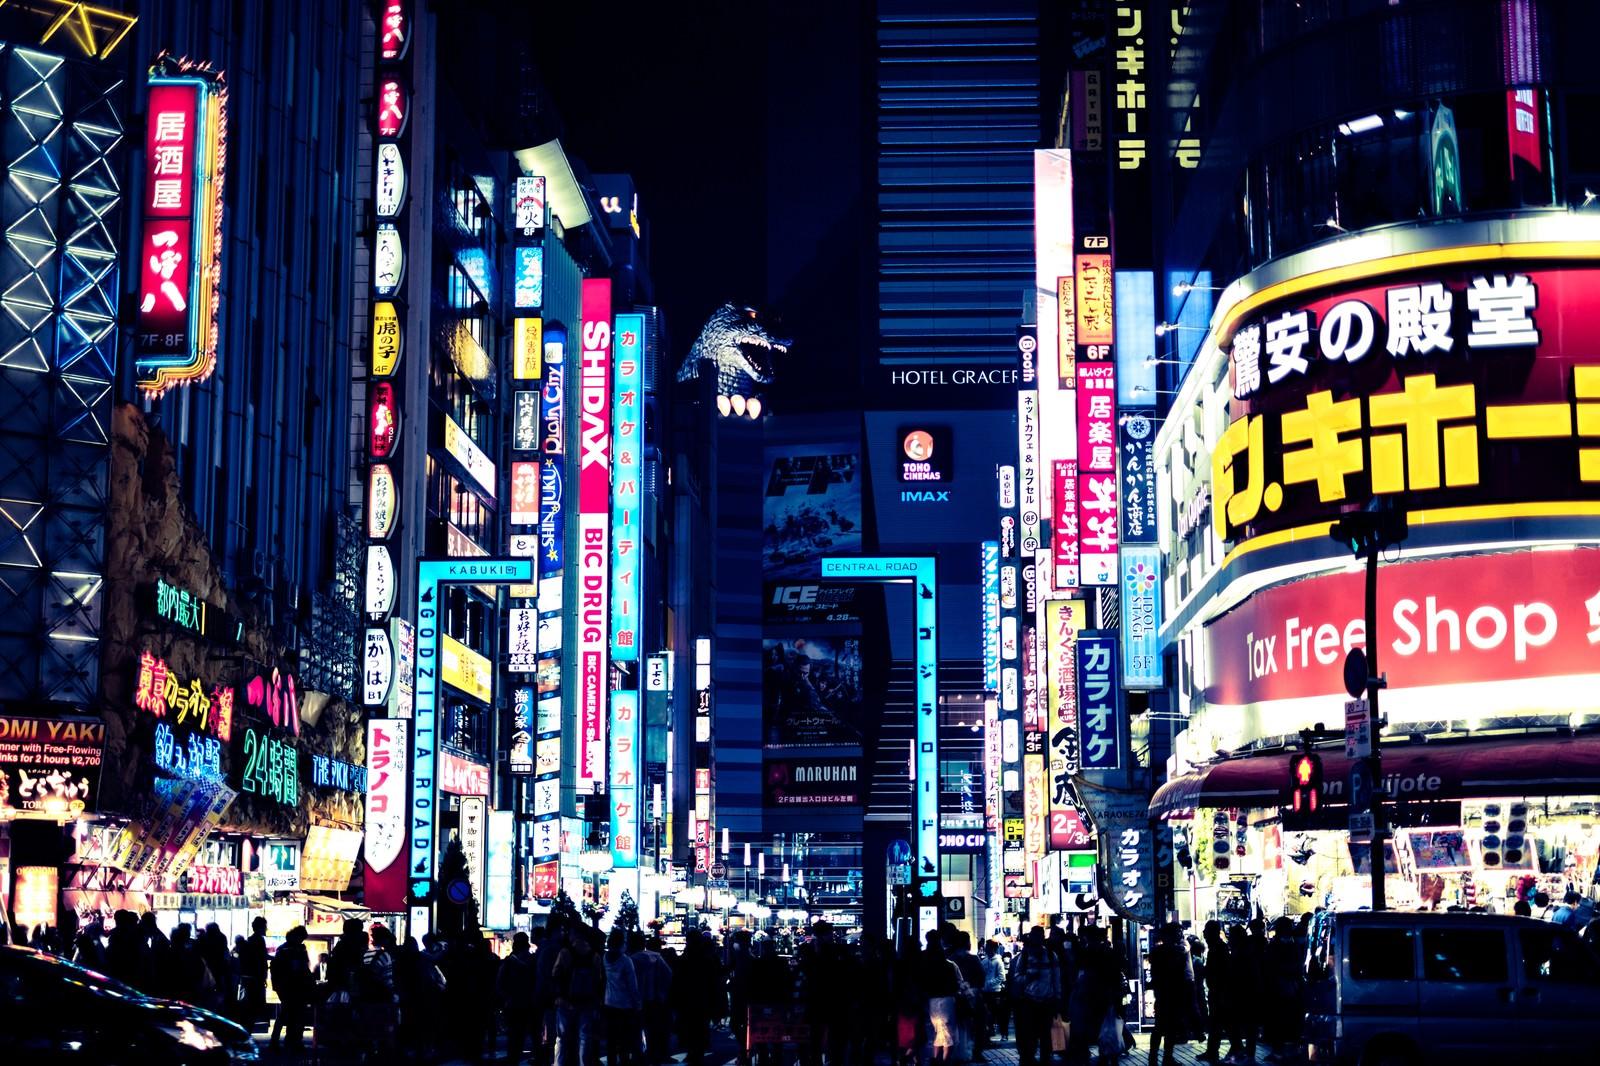 「新宿歌舞伎町のゴジラロード(夜間)新宿歌舞伎町のゴジラロード(夜間)」のフリー写真素材を拡大